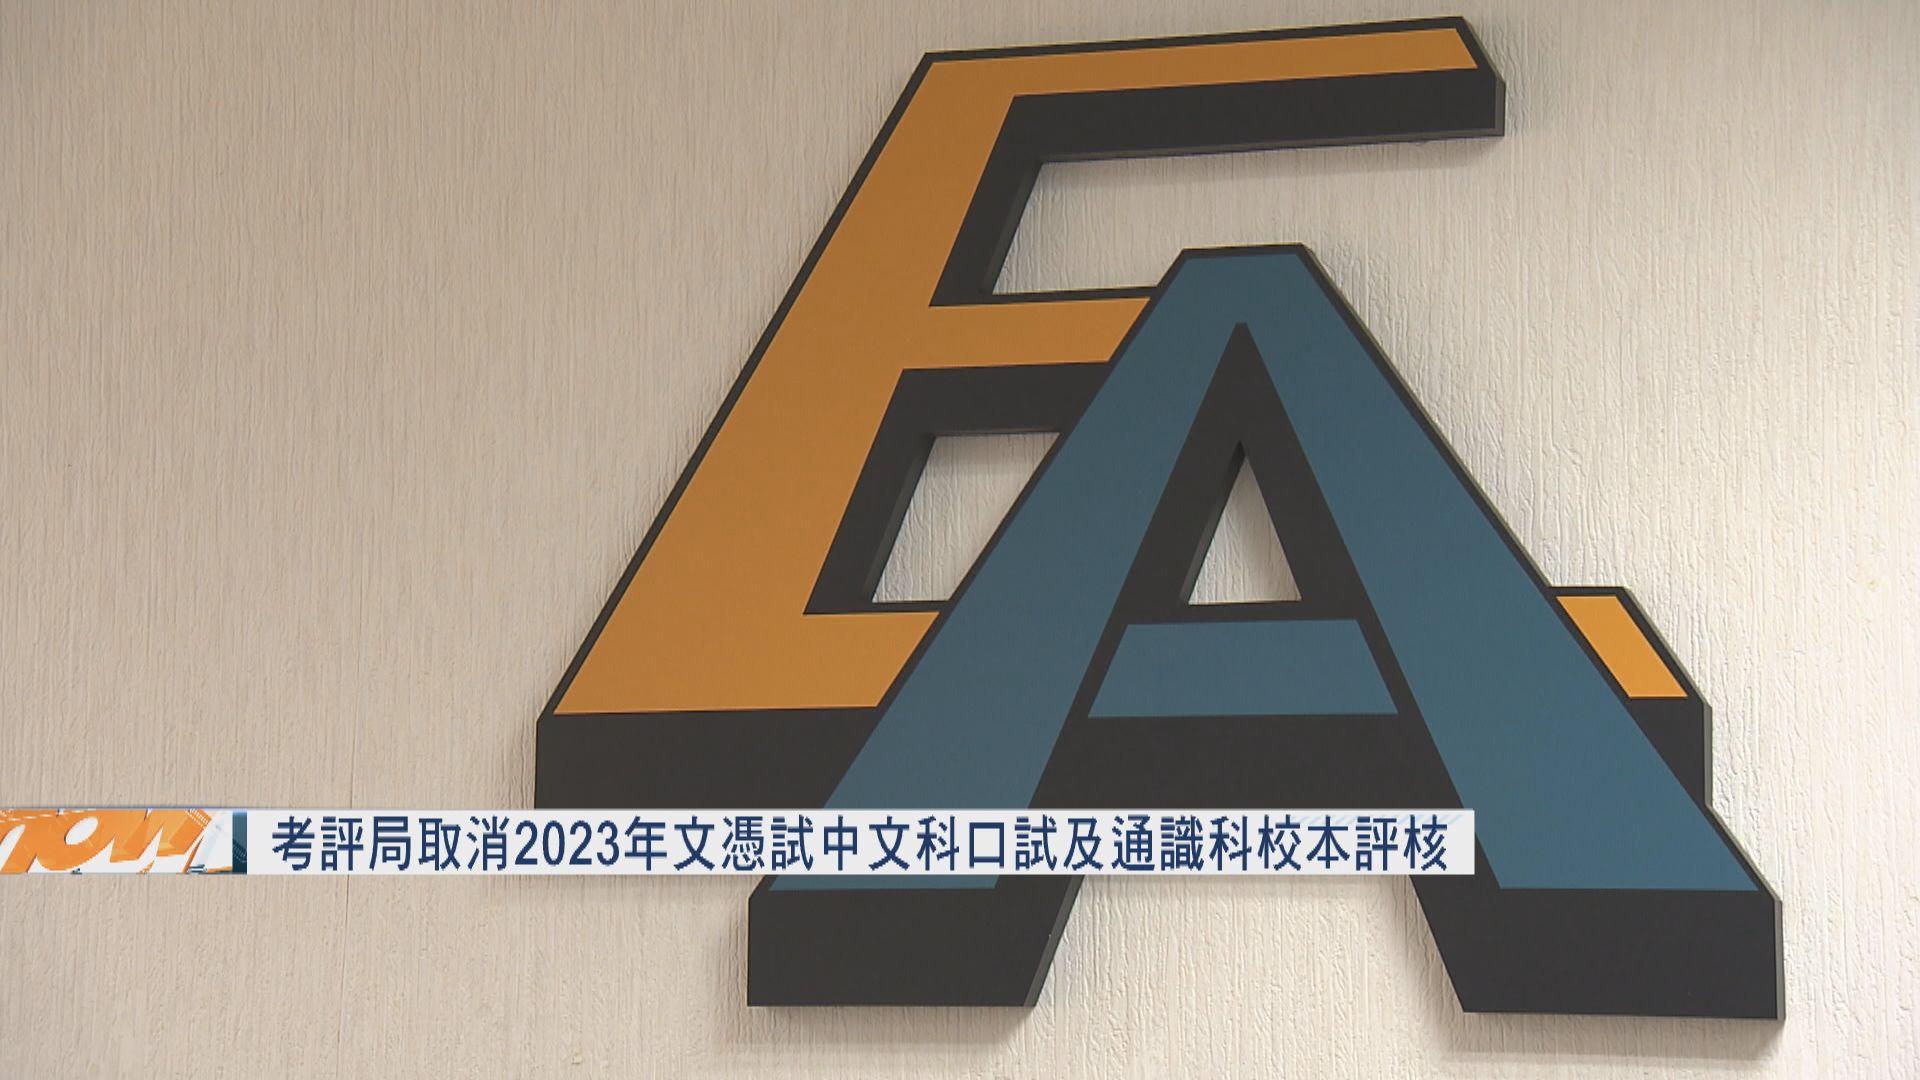 考評局宣布文憑試2023年中文科口試及通識科獨立專題探究取消